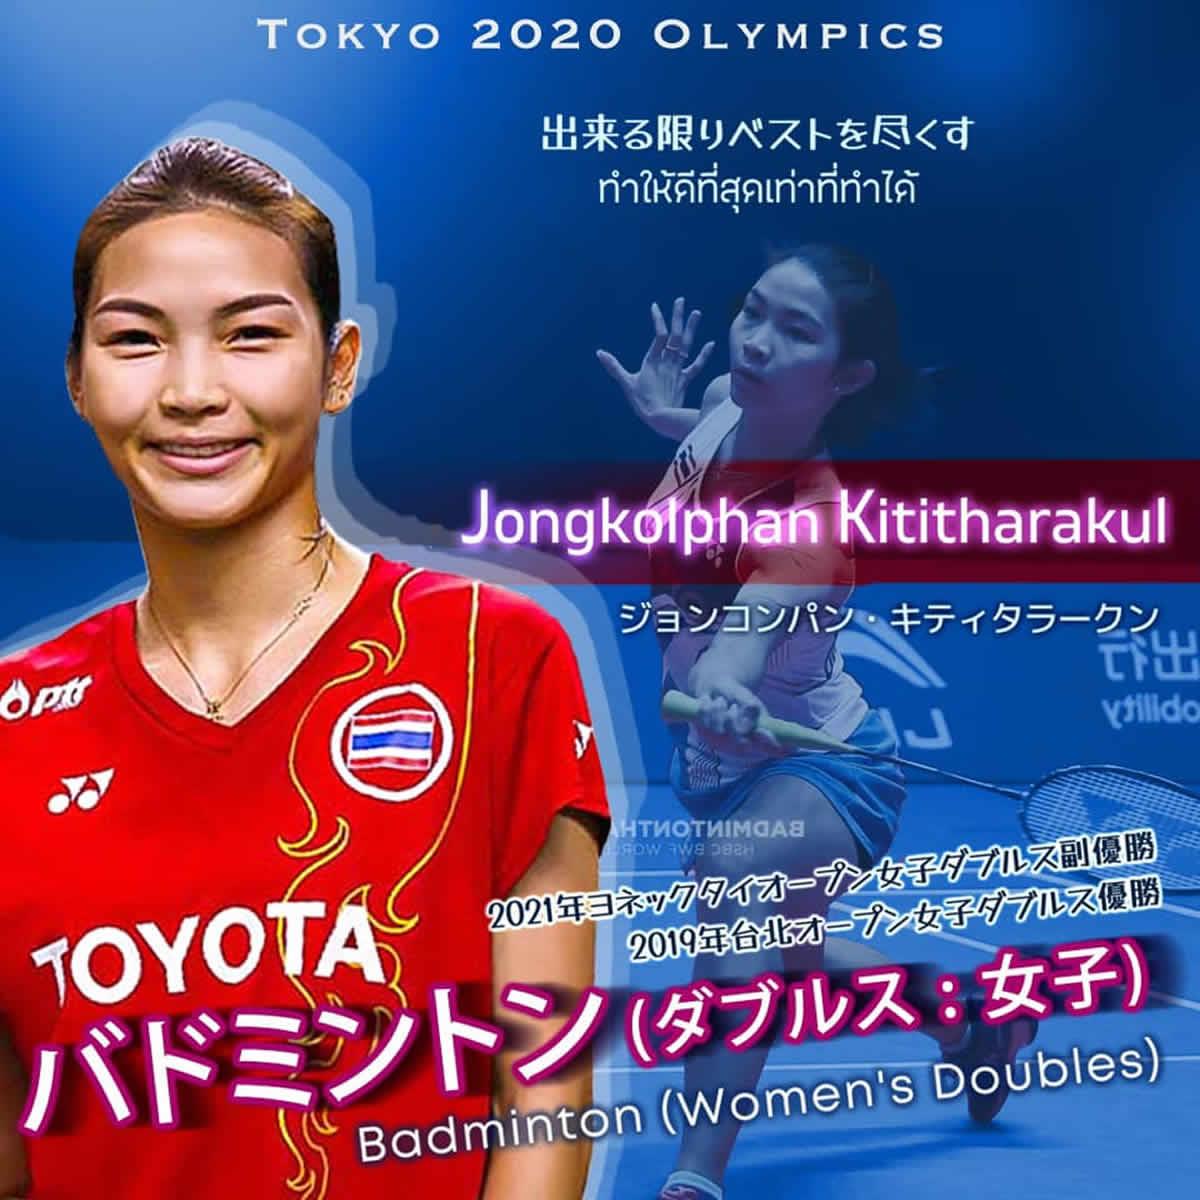 ジョンコンパン・キティタラークン(ギフト)選手[女子バドミントン タイ代表]東京2020オリンピック